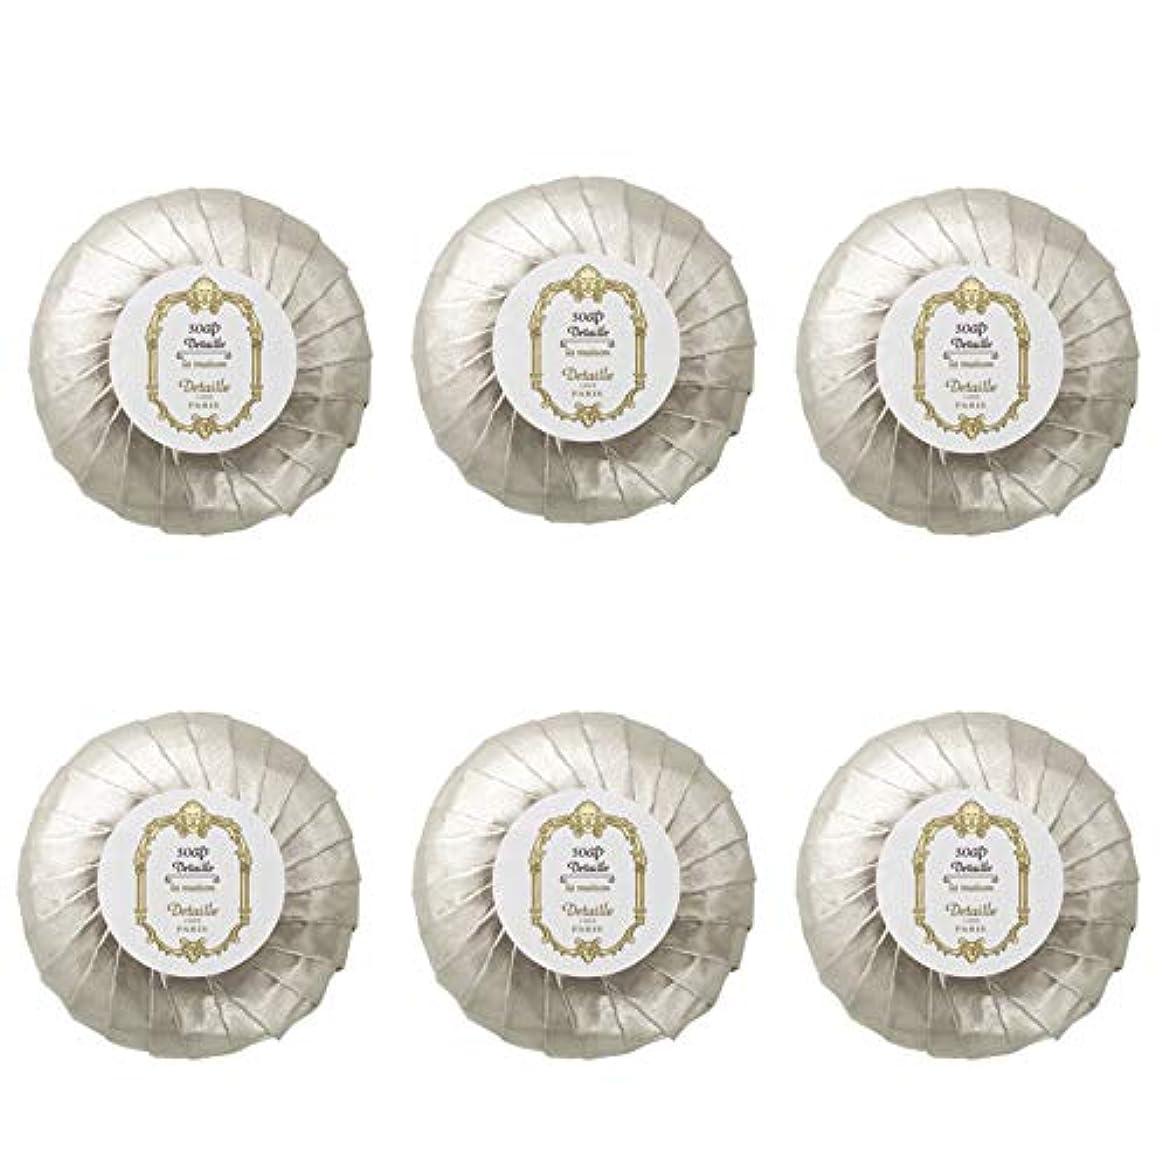 仕出しますクローンレッドデートPOLA デタイユ ラ メゾン スキンソープ 固形石鹸 (プリーツ包装) 50g×6個